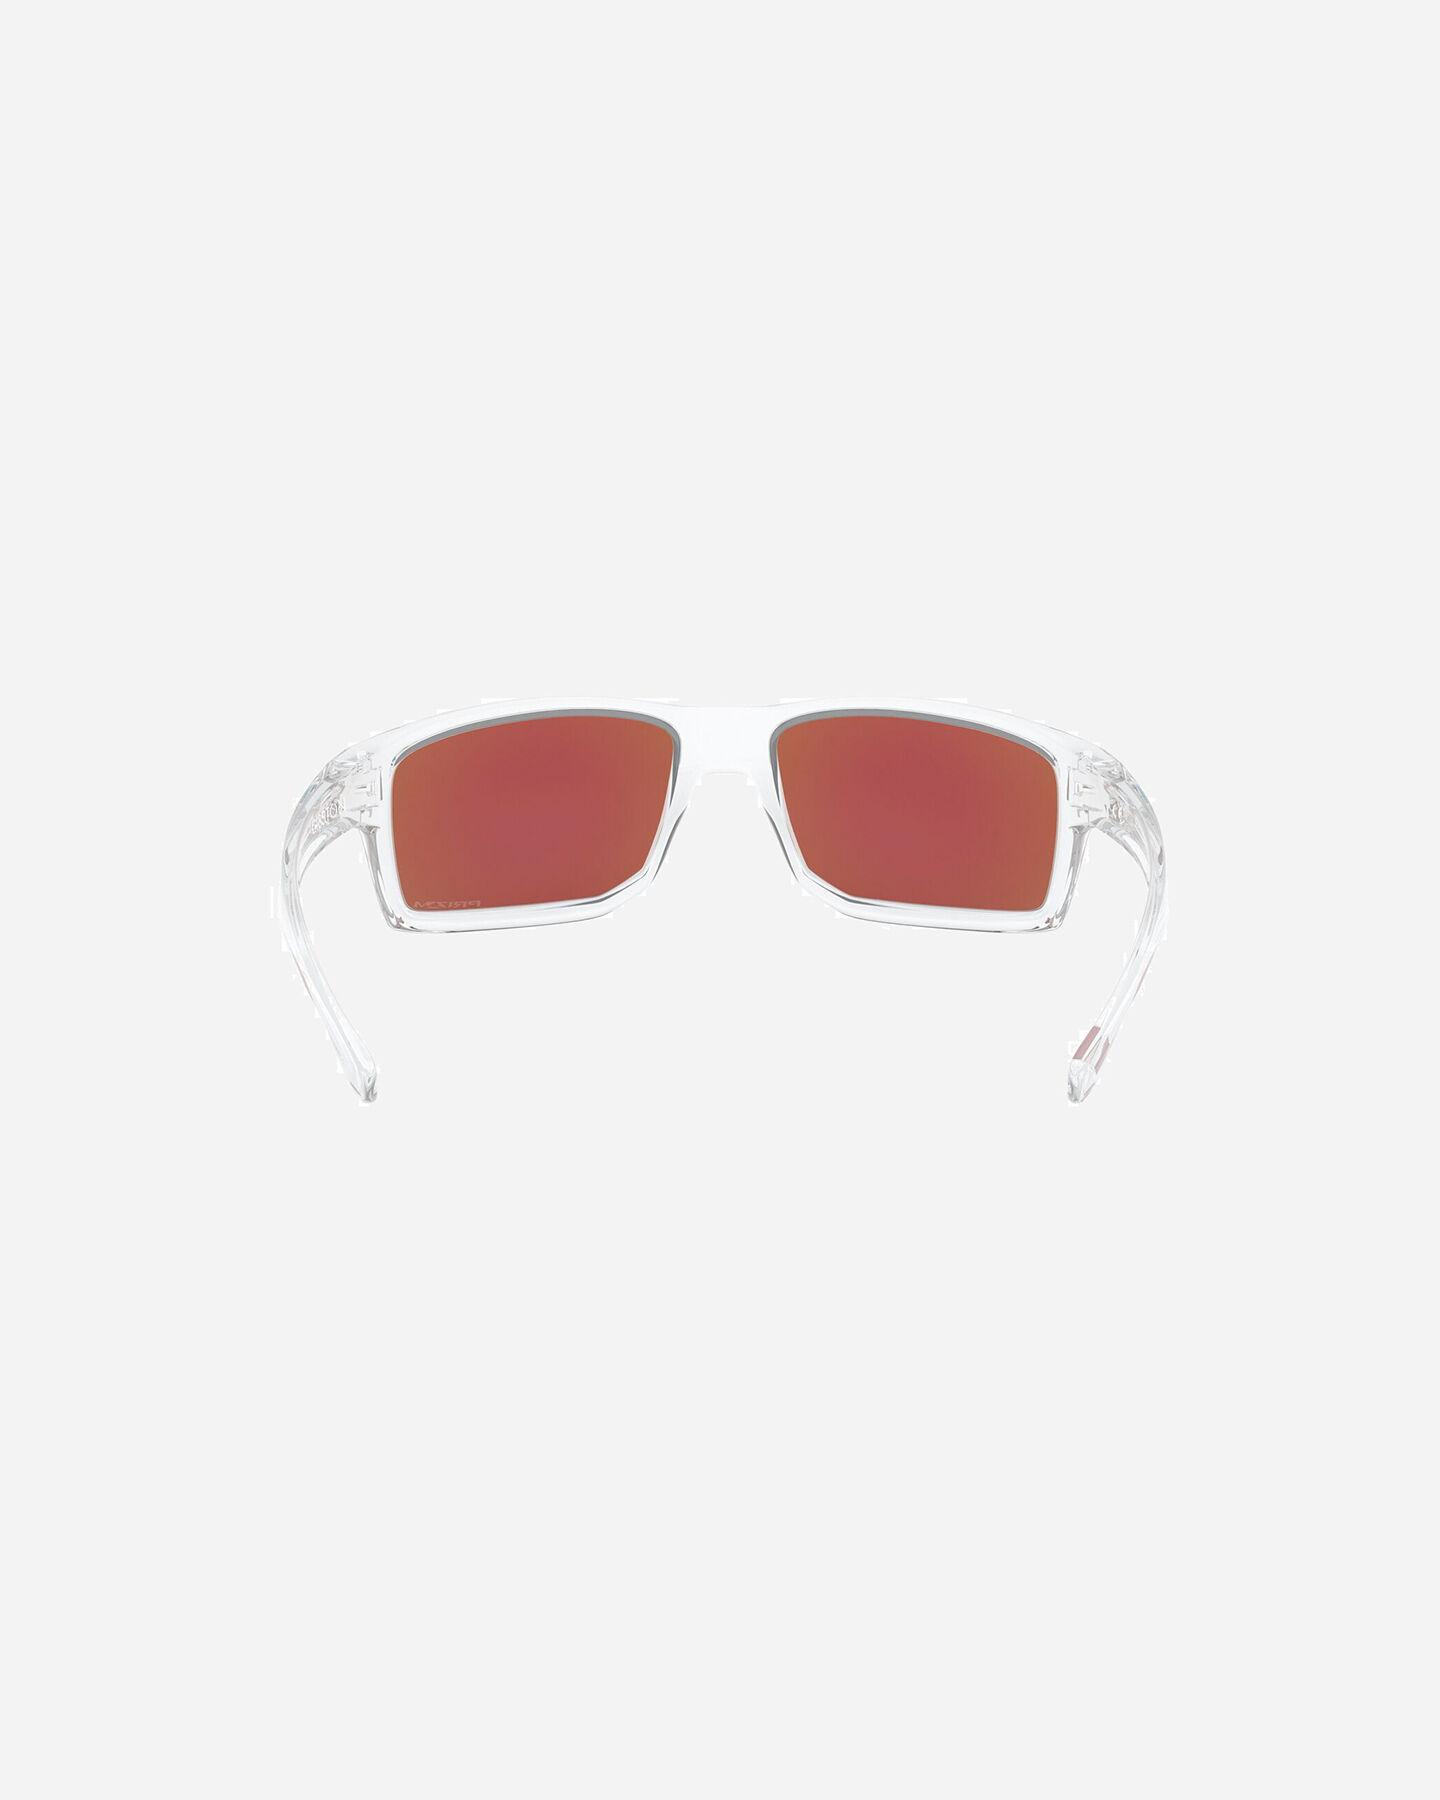 Occhiali OAKLEY GIBSTON S5221239 0460 60 scatto 3